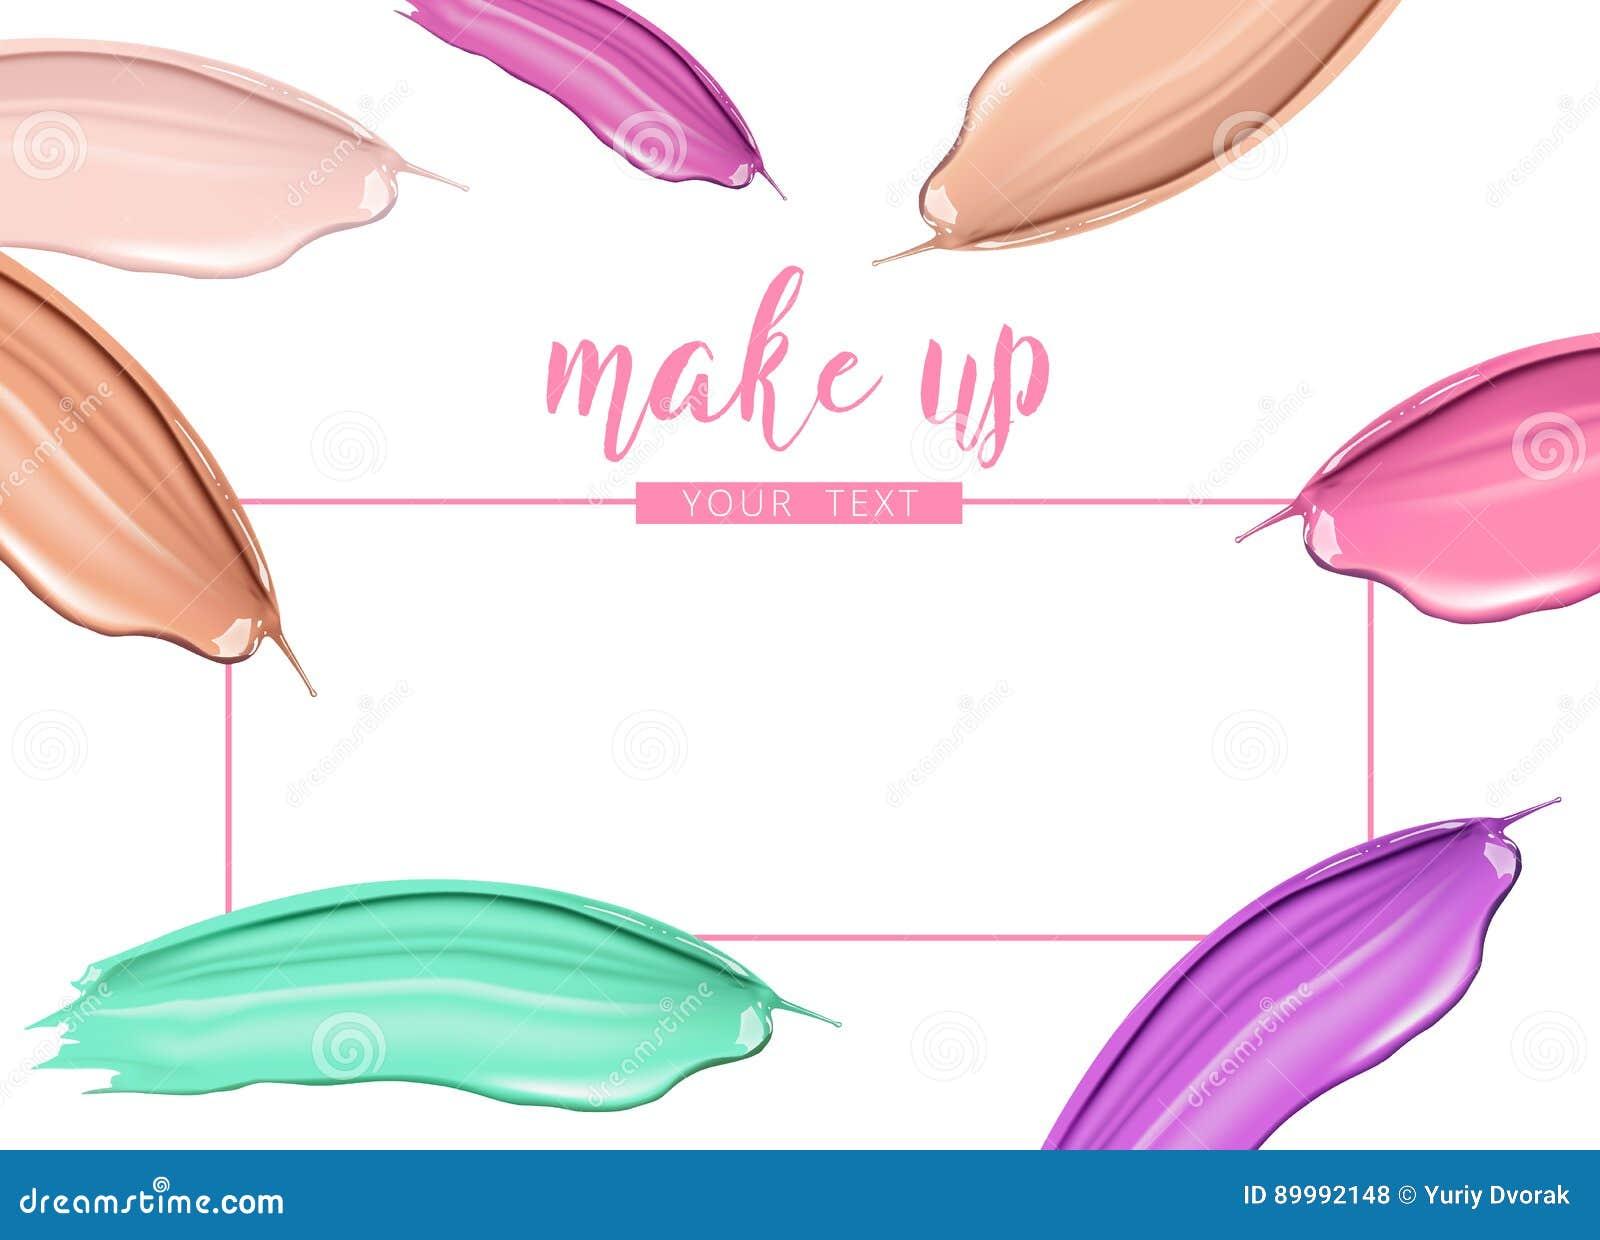 cosmetic liquid foundation and lipstick smudge smear cream strokes